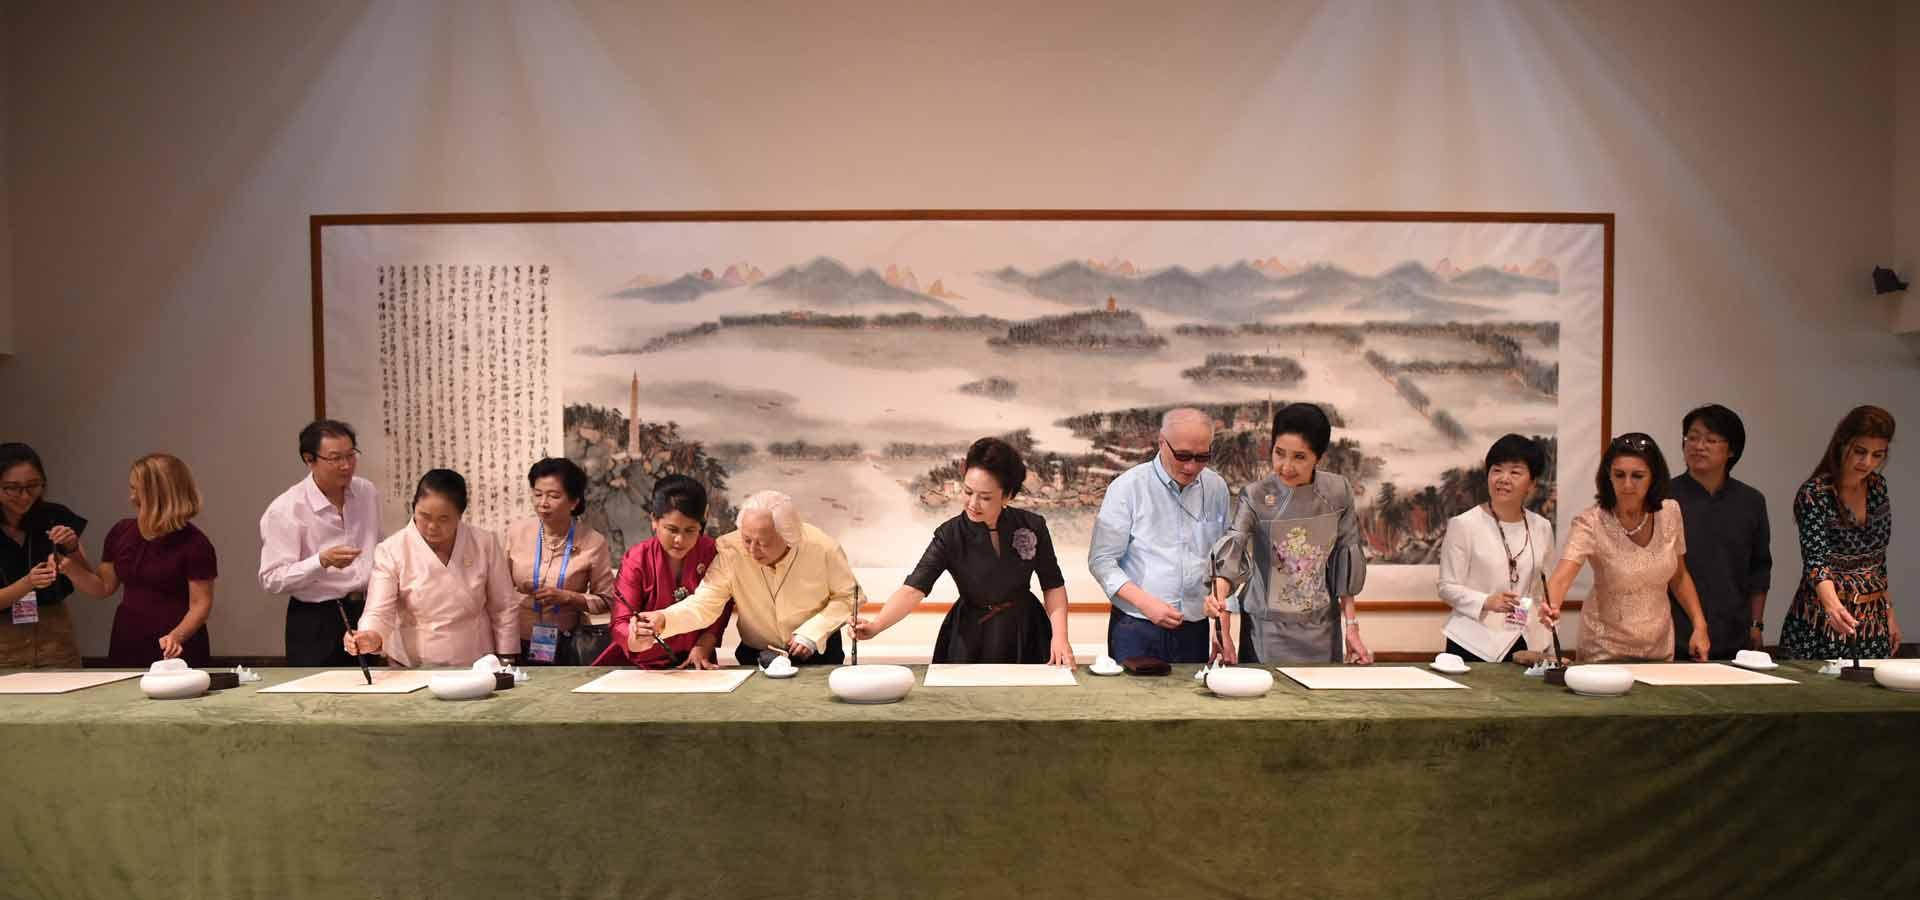 彭麗媛同二十國集團外方代表團團長夫人參觀中國美術學院